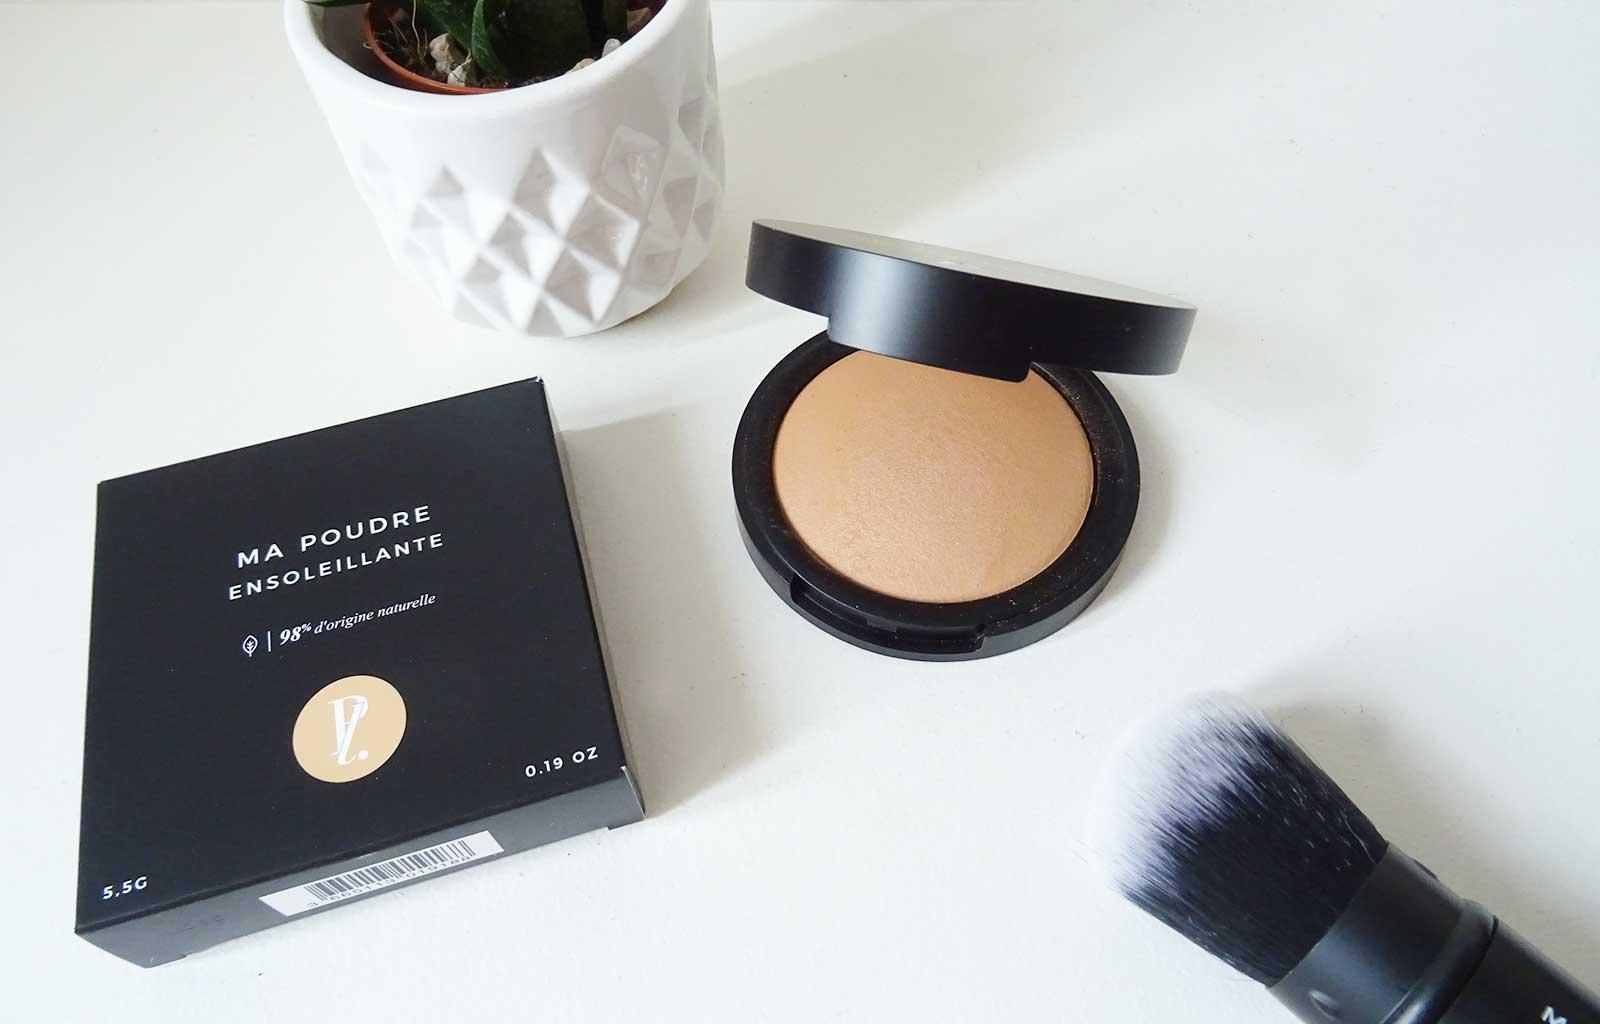 Maquillage P.Lab Beauty poudre ensoleillante